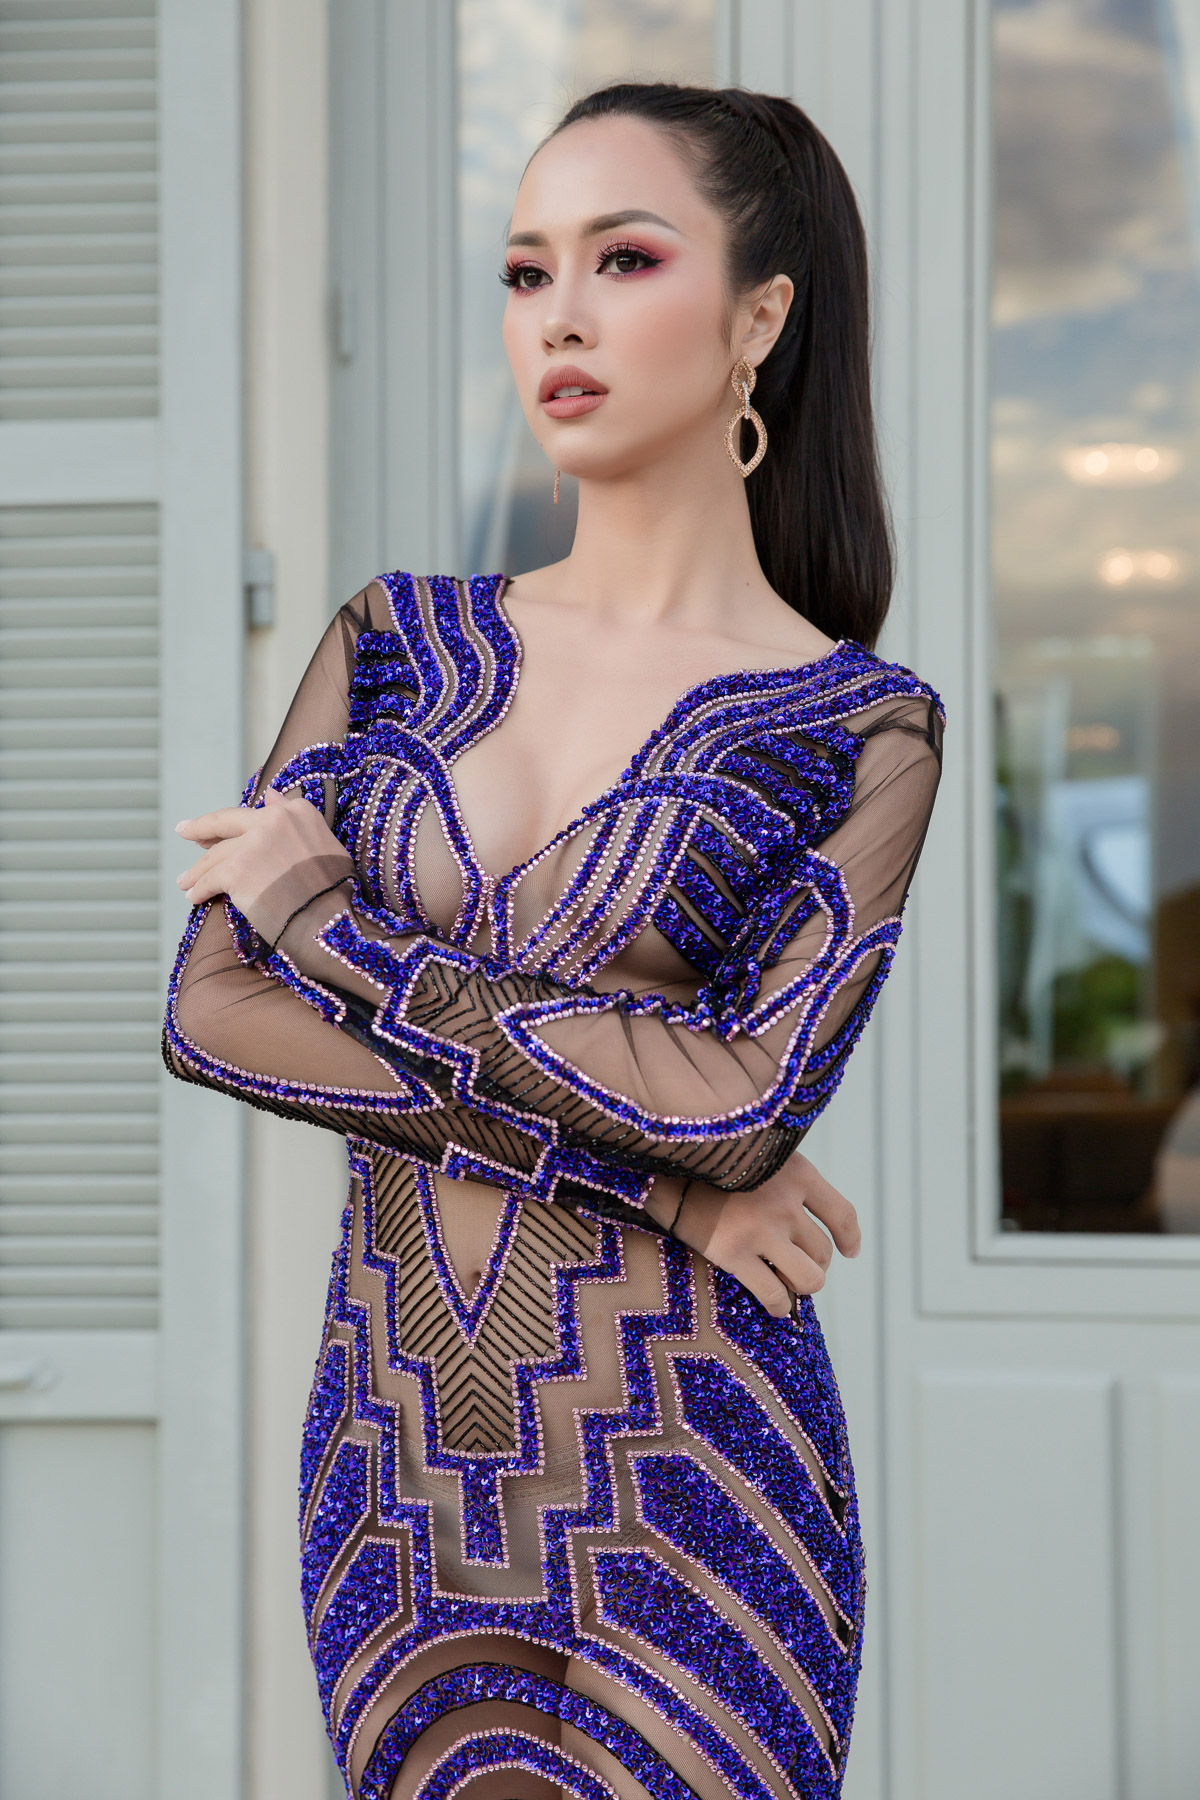 Bên cạnh Lý Nhã Kỳ, còn một số người đẹp khác xuất hiện tại Cannes cũng thu hút được rất nhiều sự chú ý. Một trong số đó là diễn viên Vũ Ngọc Anh. Hướng tới hình ảnh sexy nhất có thể,Vũ Ngọc Anh trưng những bộ đồ trong suốt nóng bỏng và trang điểm cũng rất phù hợp. Nhấn nhá vào đôi môi màu nude căng mọng,Vũ Ngọc Anh đã thành công khi xây dựng hình ảnh cô gái sexy thu hút mọi ánh nhìn.